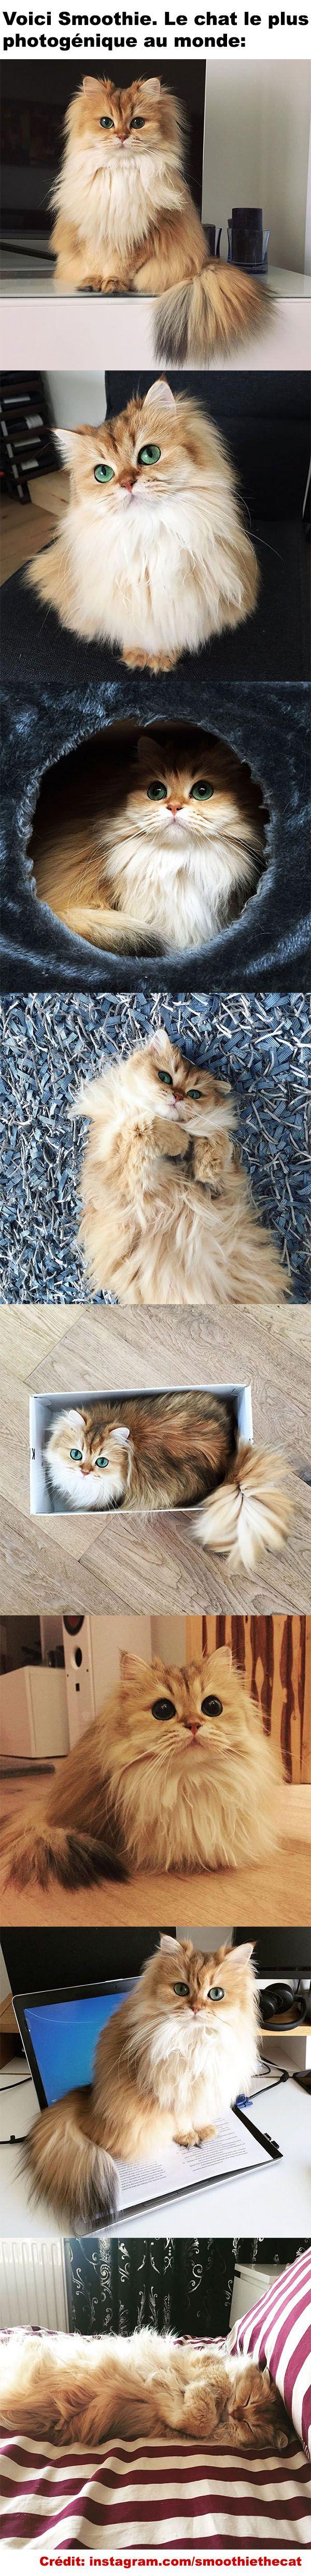 Smoothie - Le chat le plus photogénique au monde